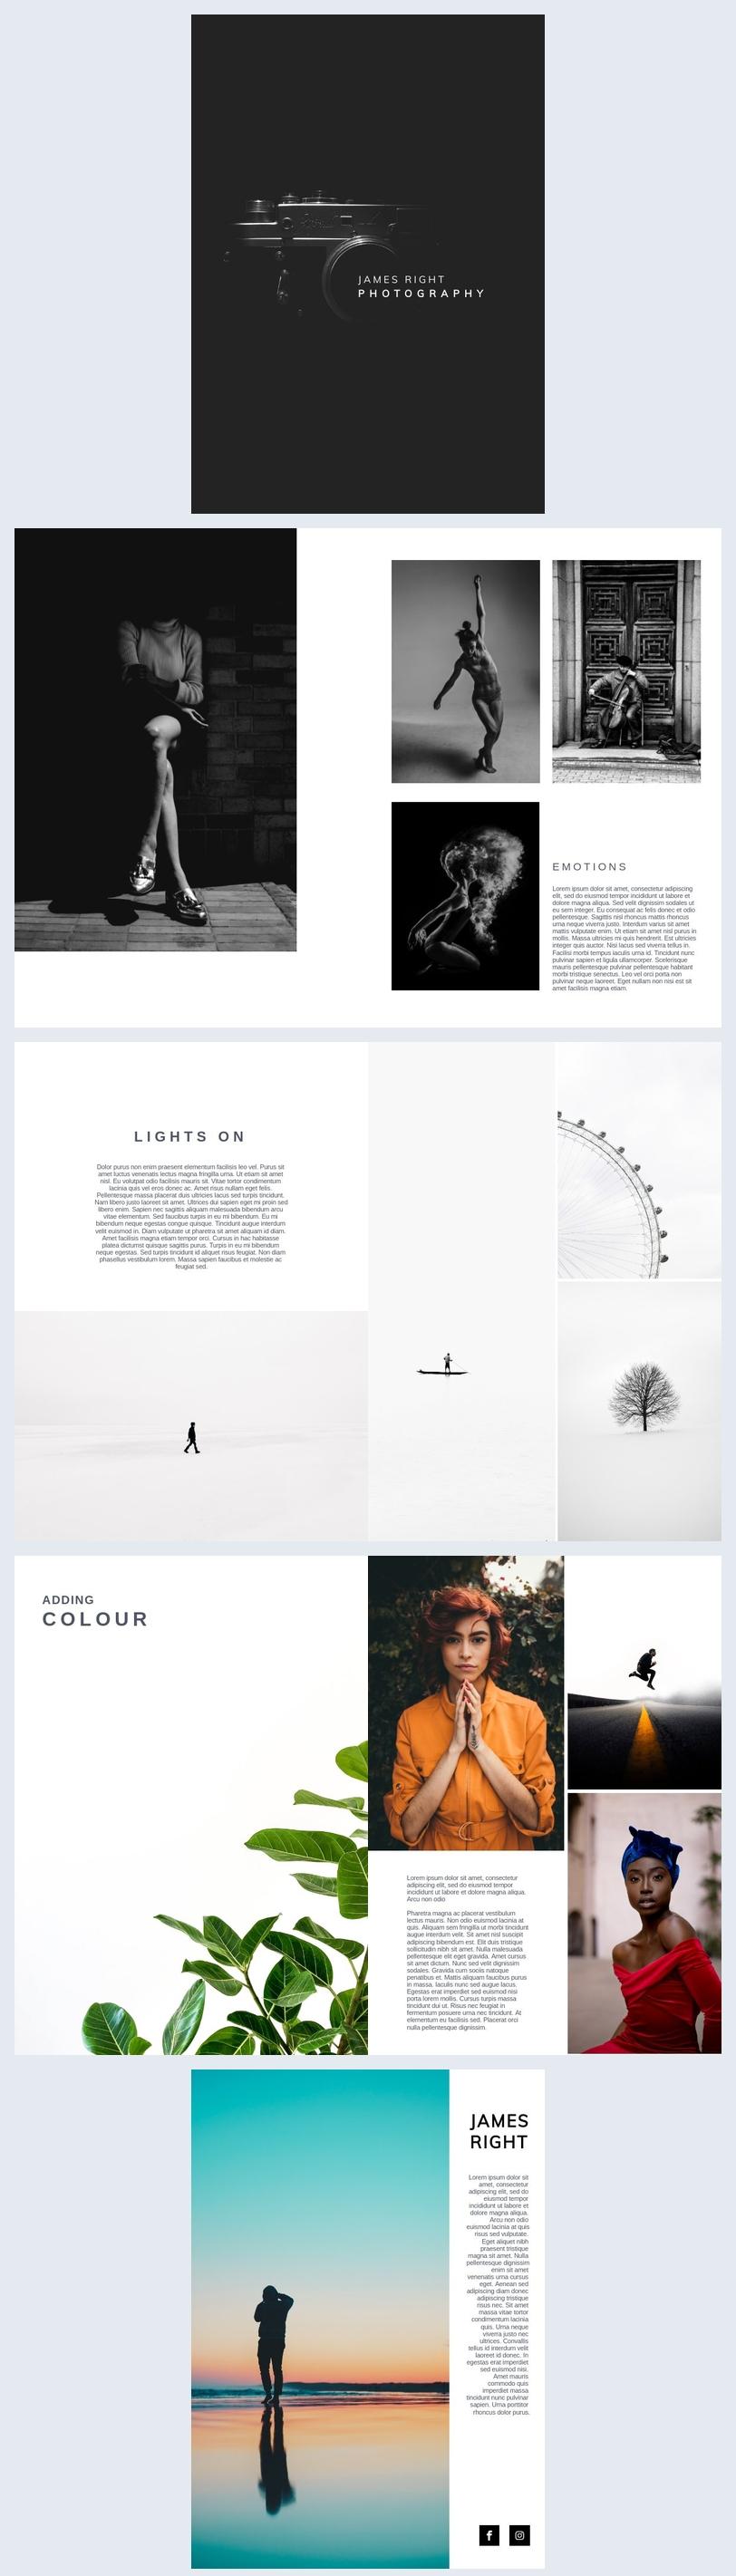 Modello per portfolio fotografico